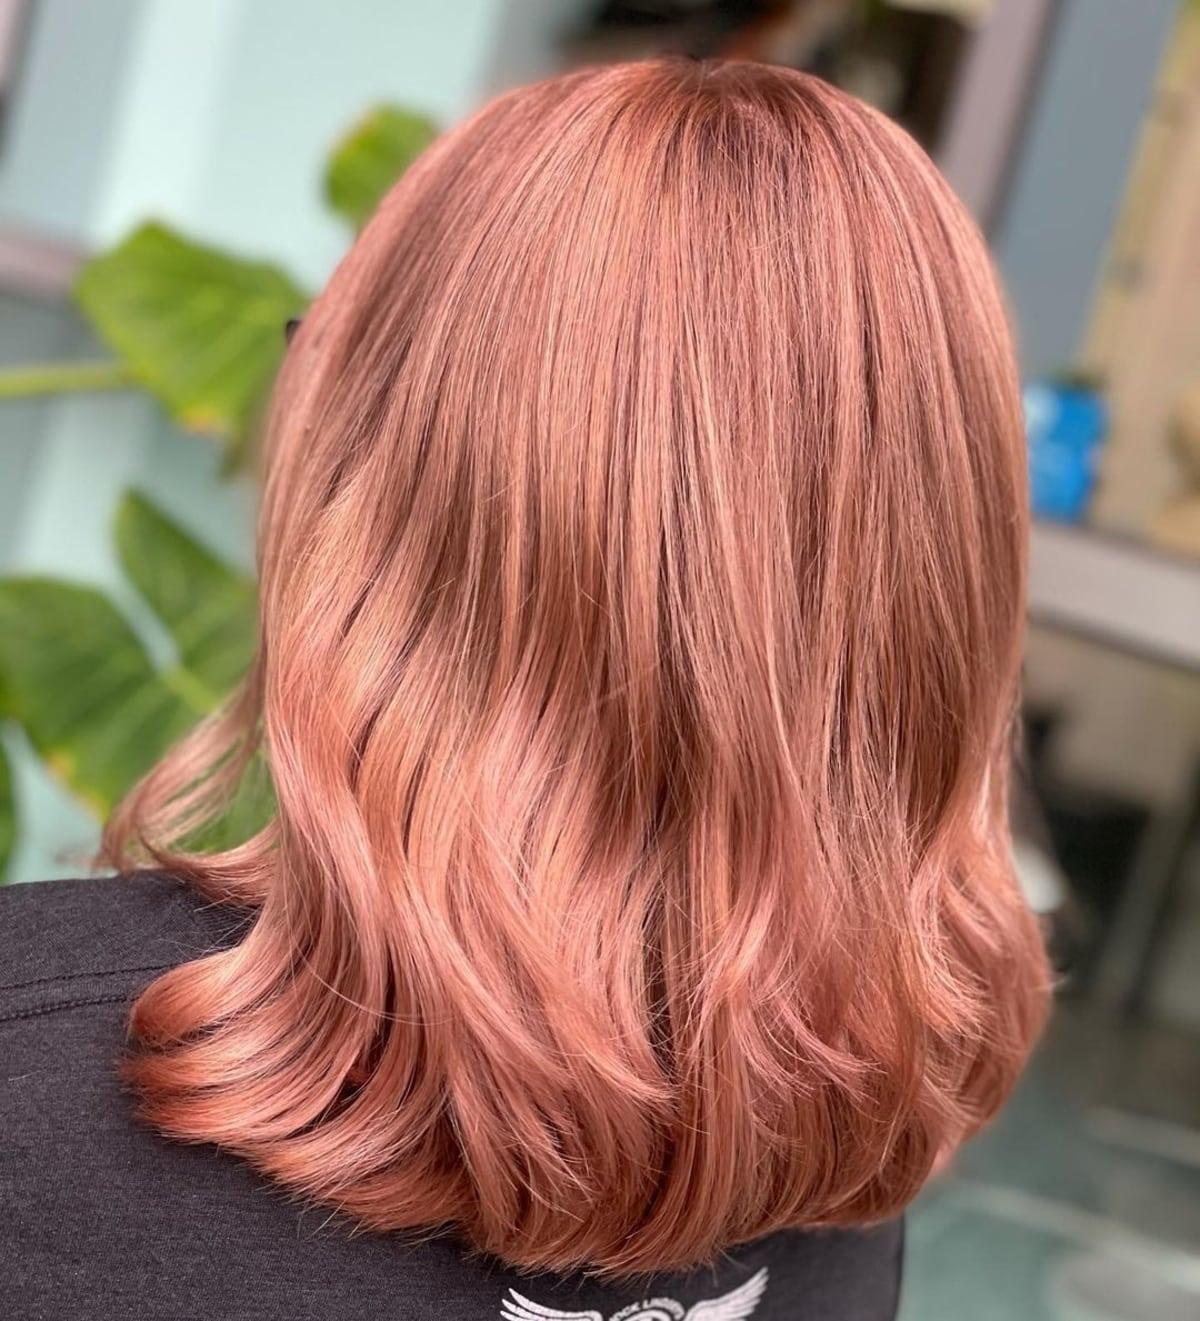 Cheveux blonds mi-longs avec des nuances d'or rose.